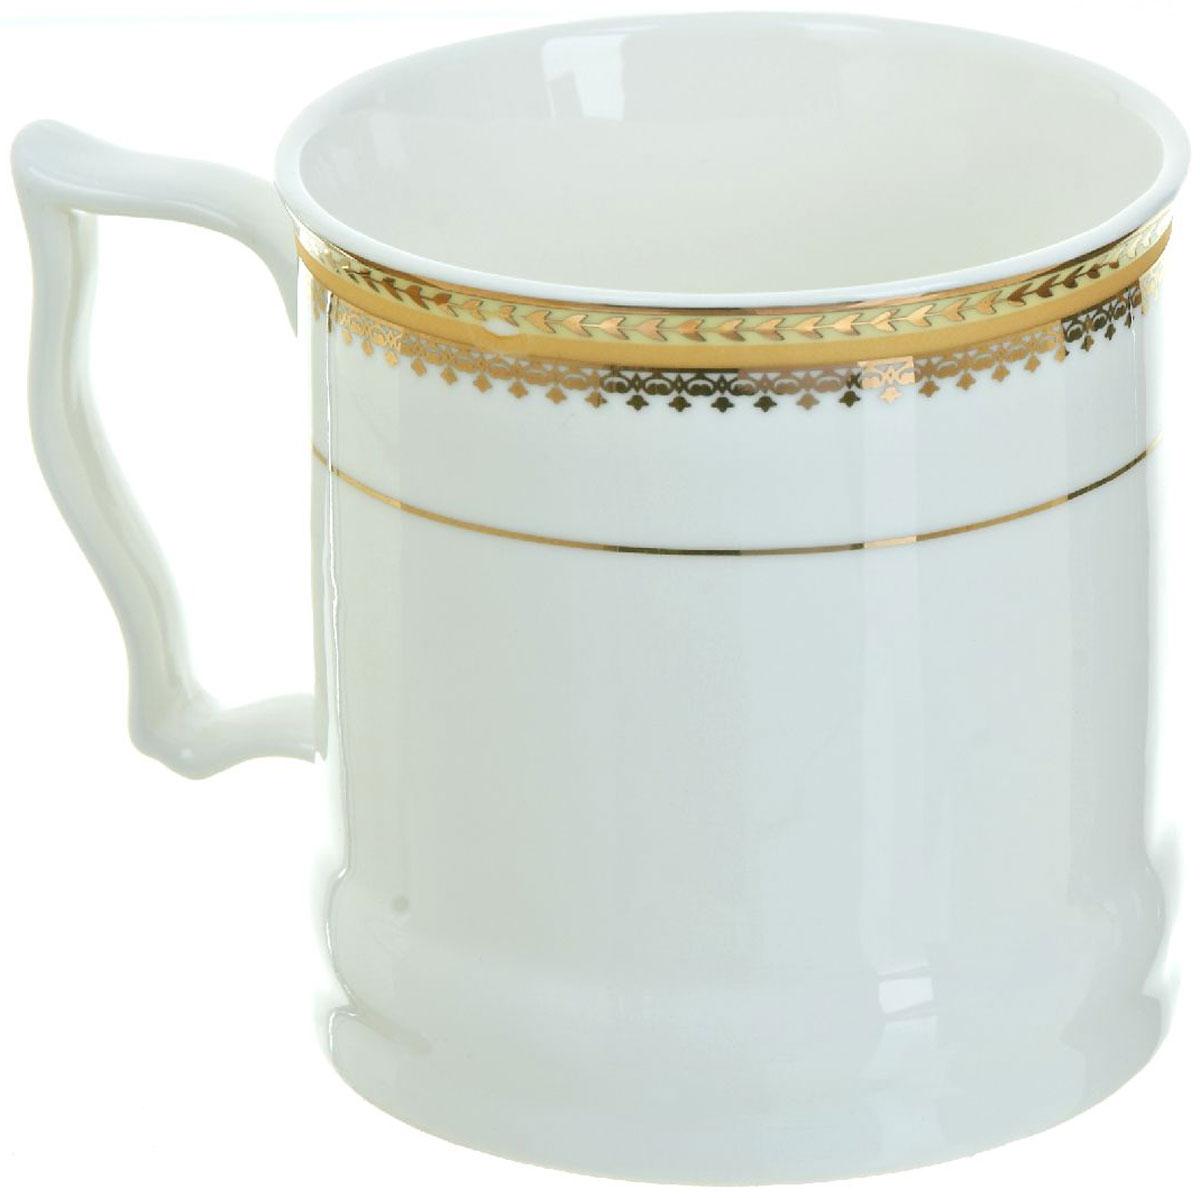 Кружка BHP Королевская кружка, 500 мл. 1870009VT-1520(SR)Оригинальная кружка Best Home Porcelain, выполненная из высококачественного фарфора, сочетает в себе простой, утонченный дизайн с максимальной функциональностью. Оригинальность оформления придутся по вкусу тем, кто ценит индивидуальность.Можно использовать в посудомоечной машине.